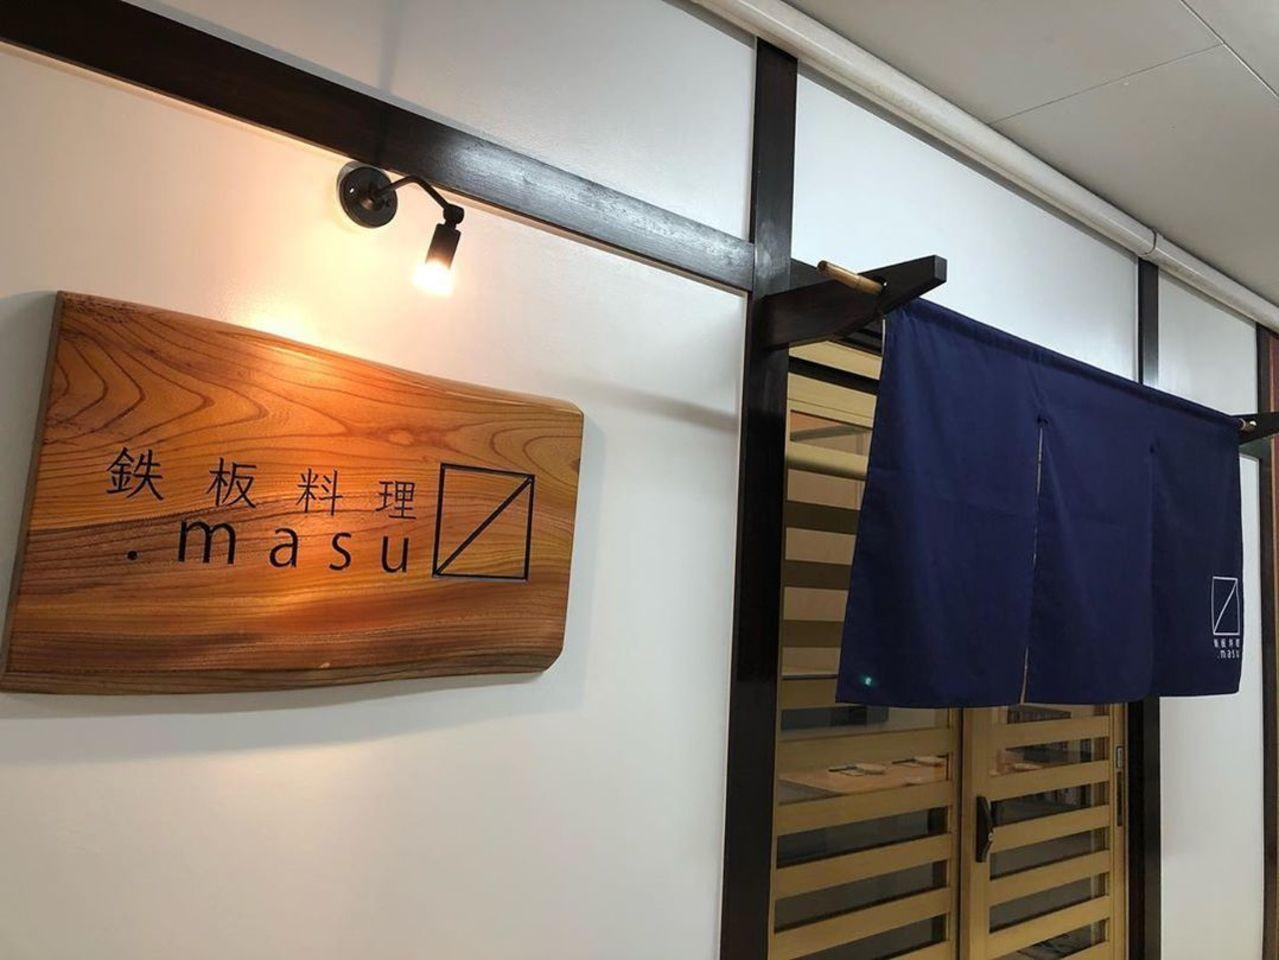 店主のこだわりが詰まったお店...愛知県名古屋市千種区今池1丁目の「鉄板料理.masu」